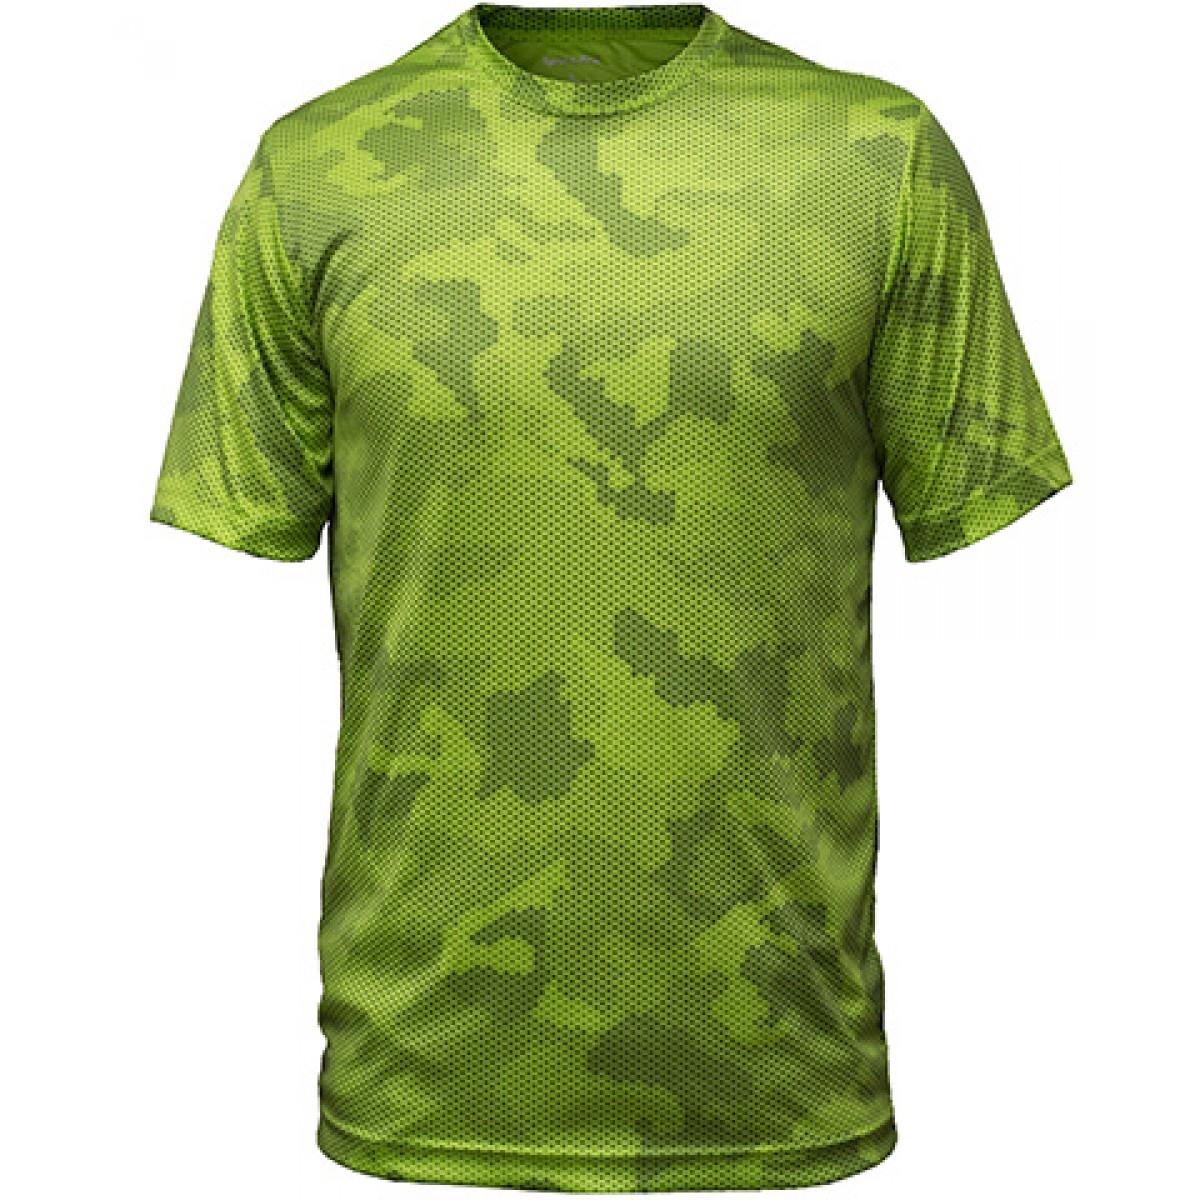 Sport-Tek CamoHex Tee-Green-XS